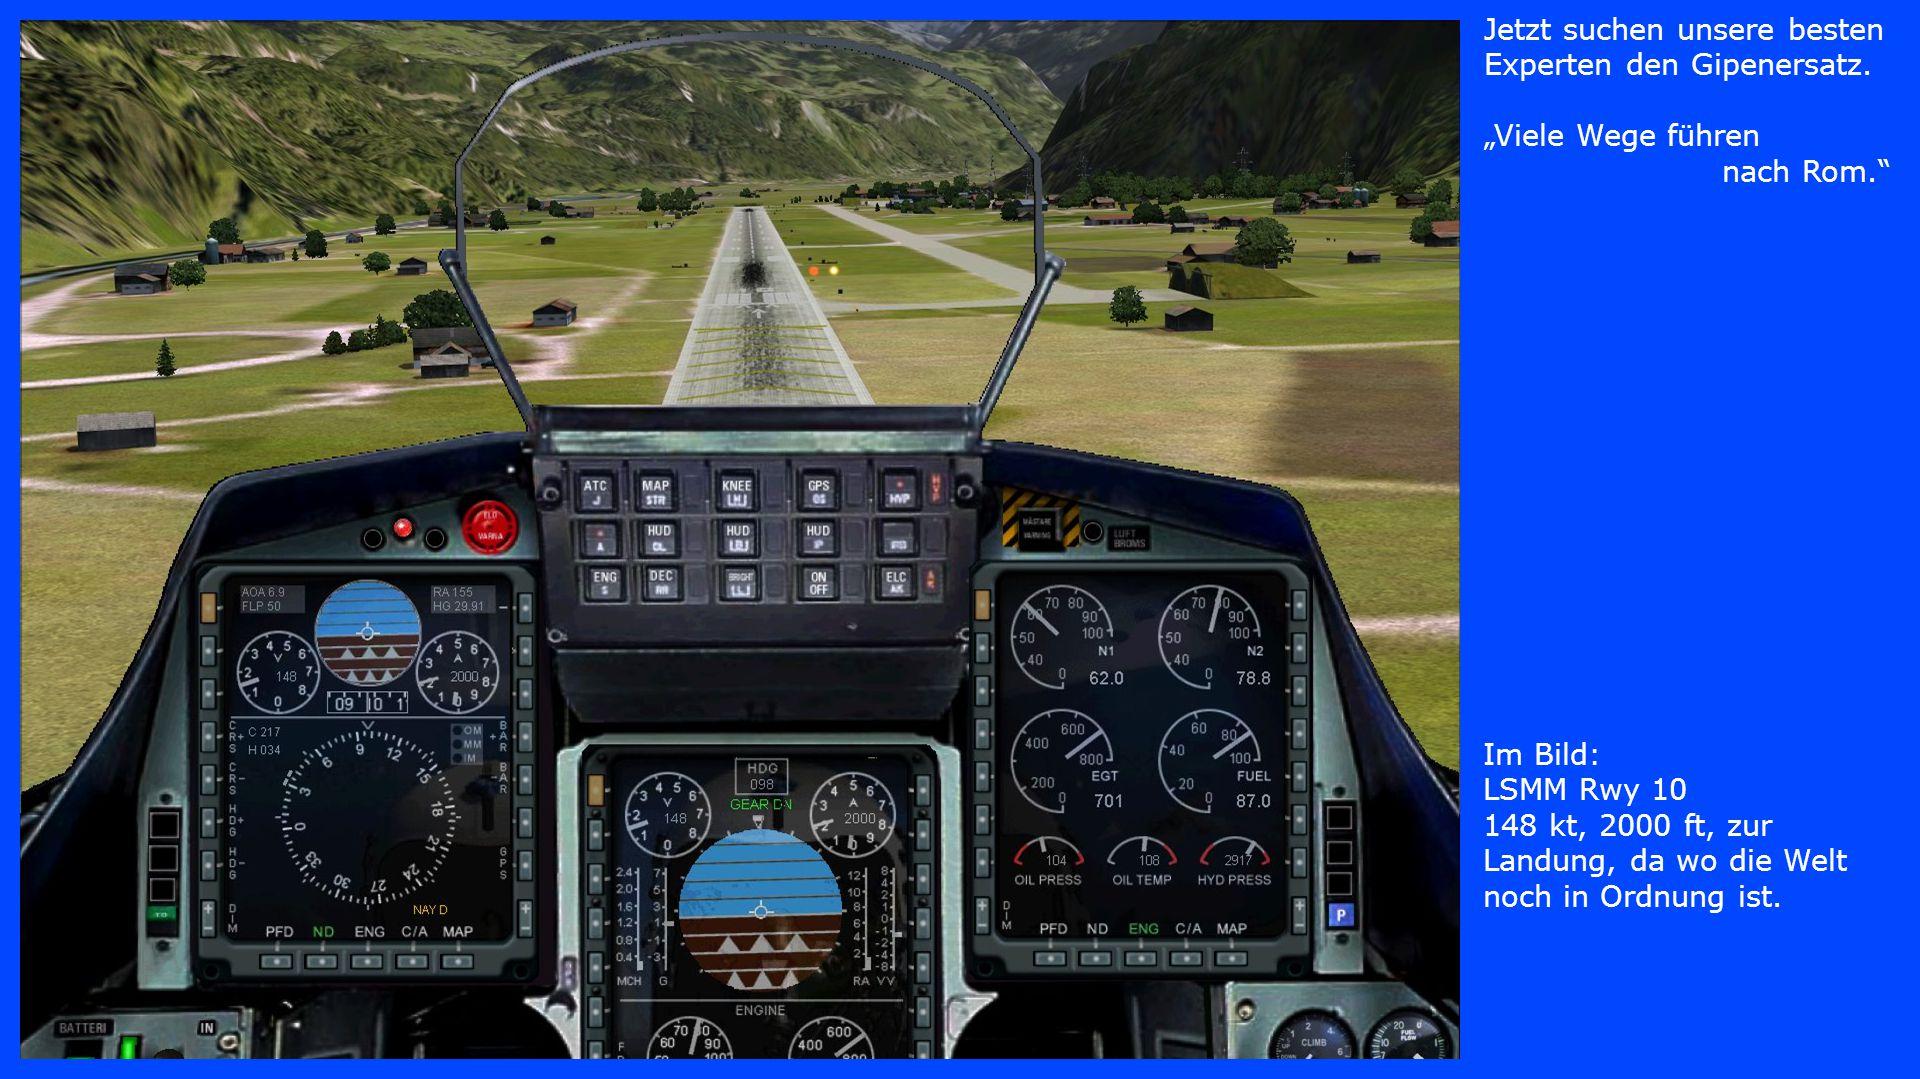 """Im Bild: LSMM Rwy 10 148 kt, 2000 ft, zur Landung, da wo die Welt noch in Ordnung ist. Jetzt suchen unsere besten Experten den Gipenersatz. """"Viele Weg"""